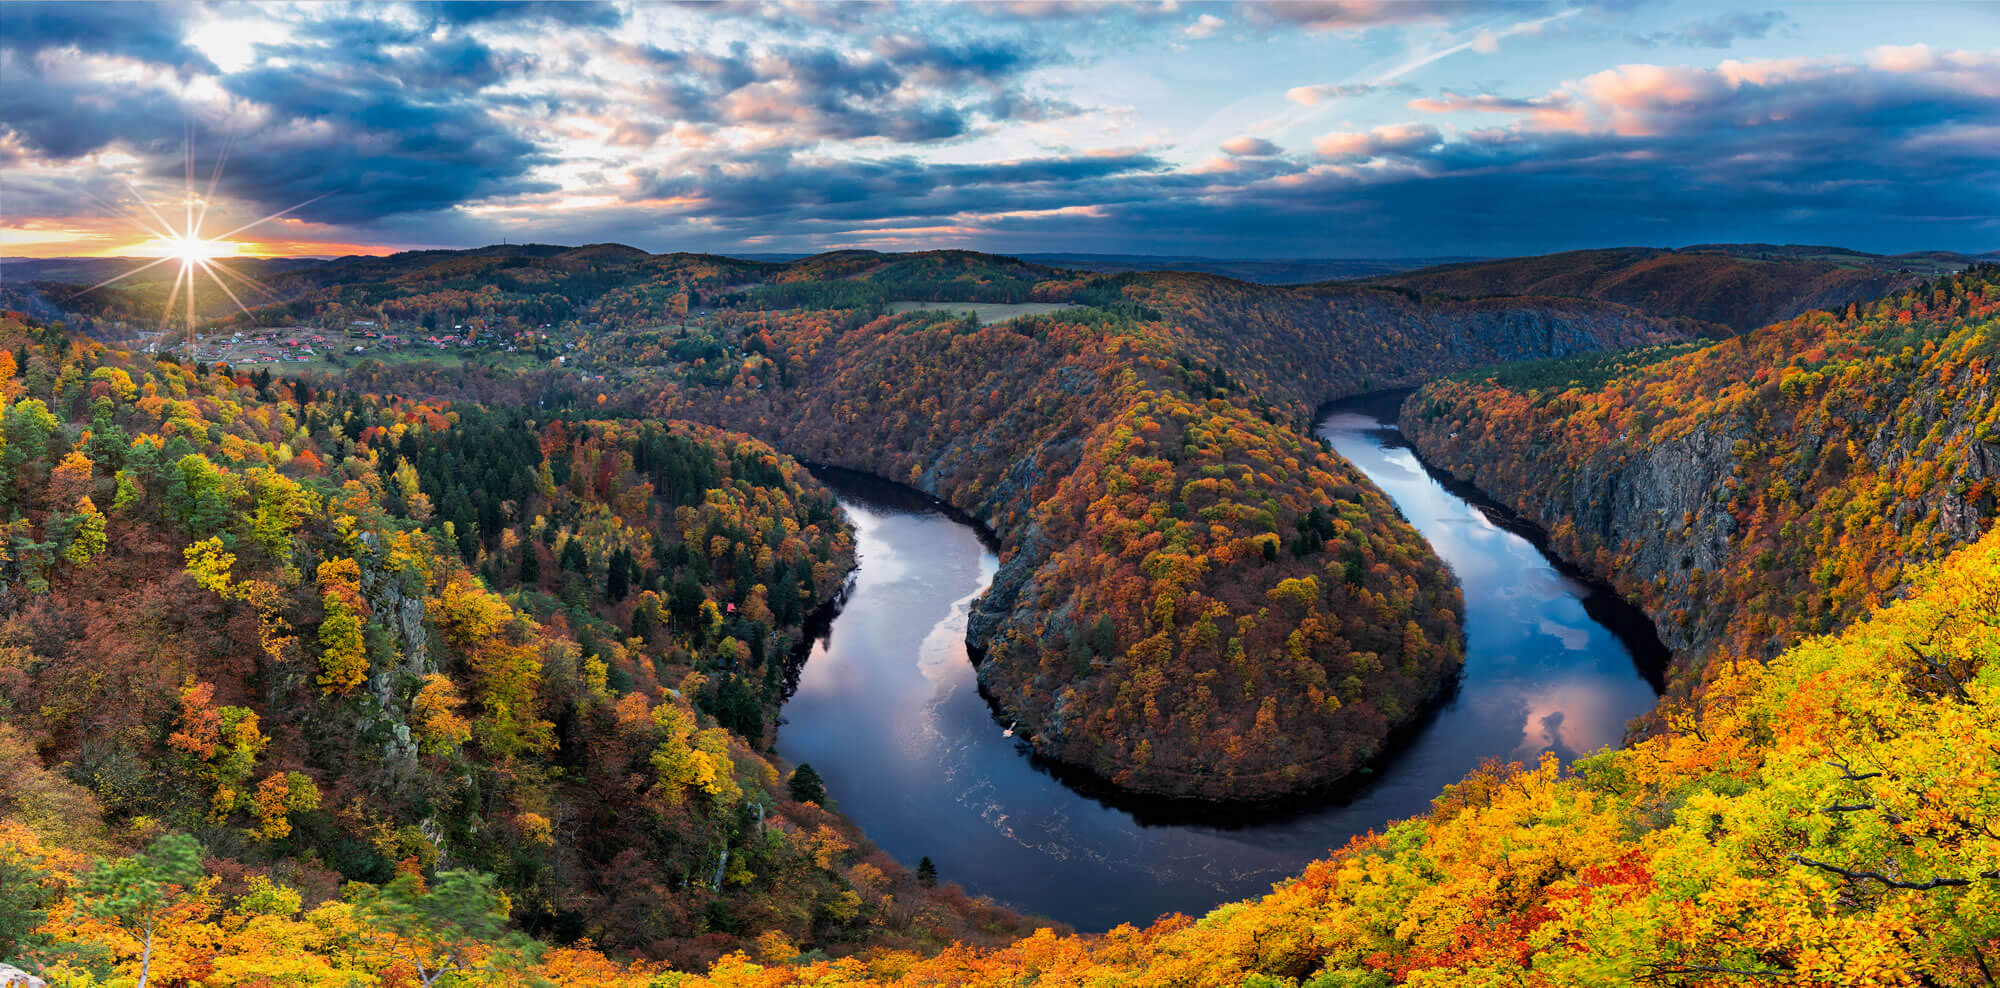 Vltava River, Czech Republic